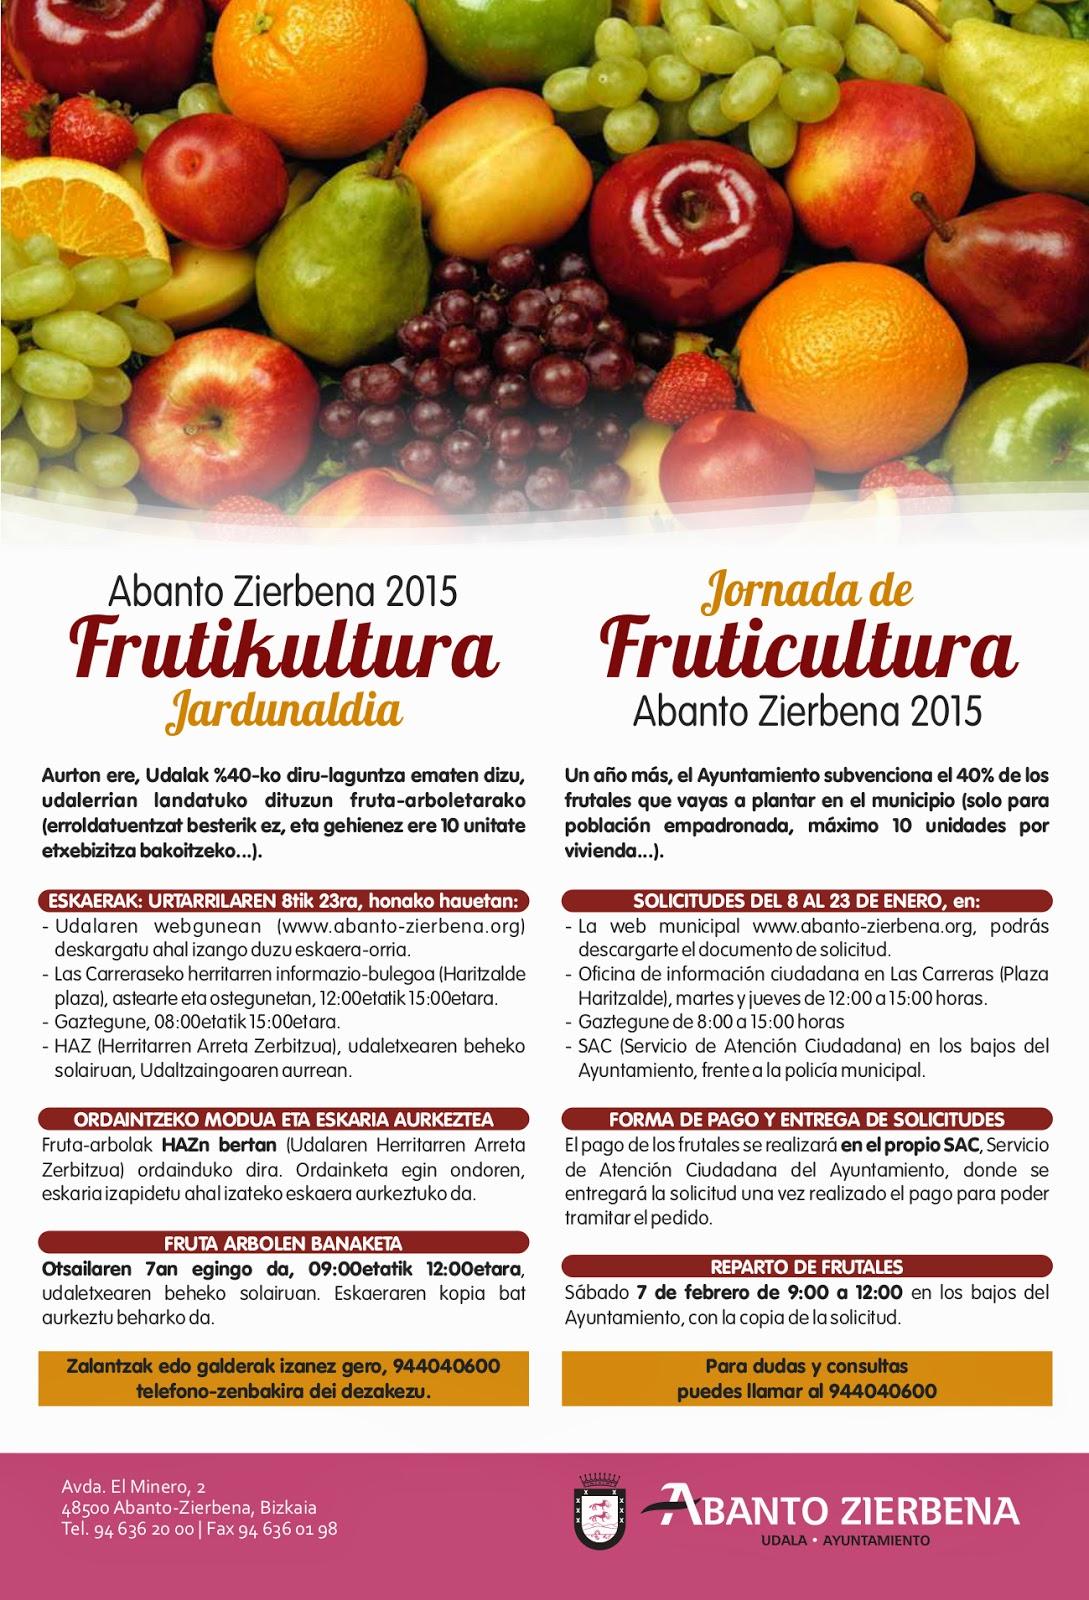 Abanto presenta su tradicional Jornada de Fruticultura